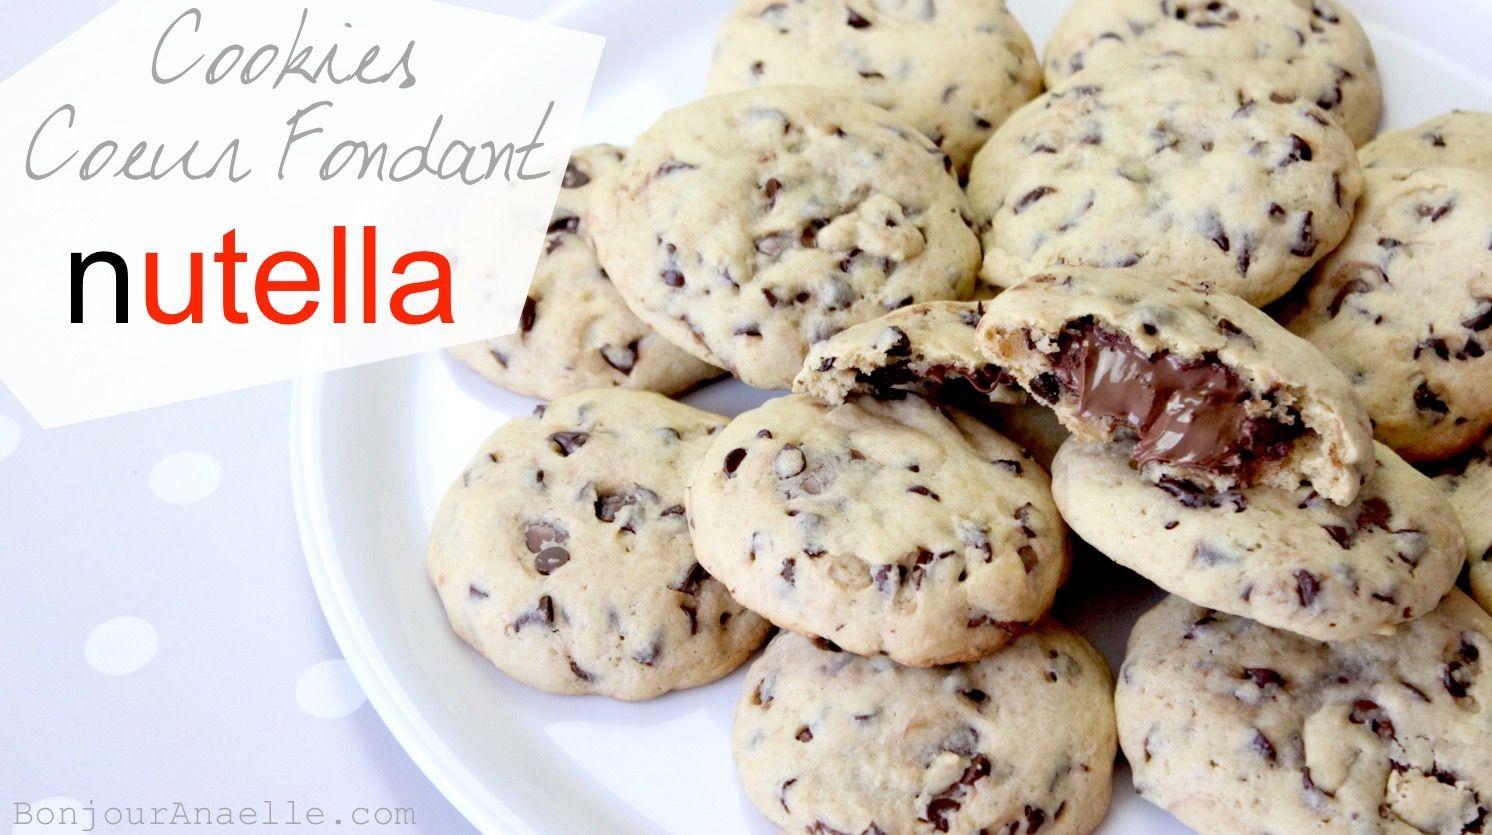 bonjour anaelle recette comment faire des cookies coeur. Black Bedroom Furniture Sets. Home Design Ideas